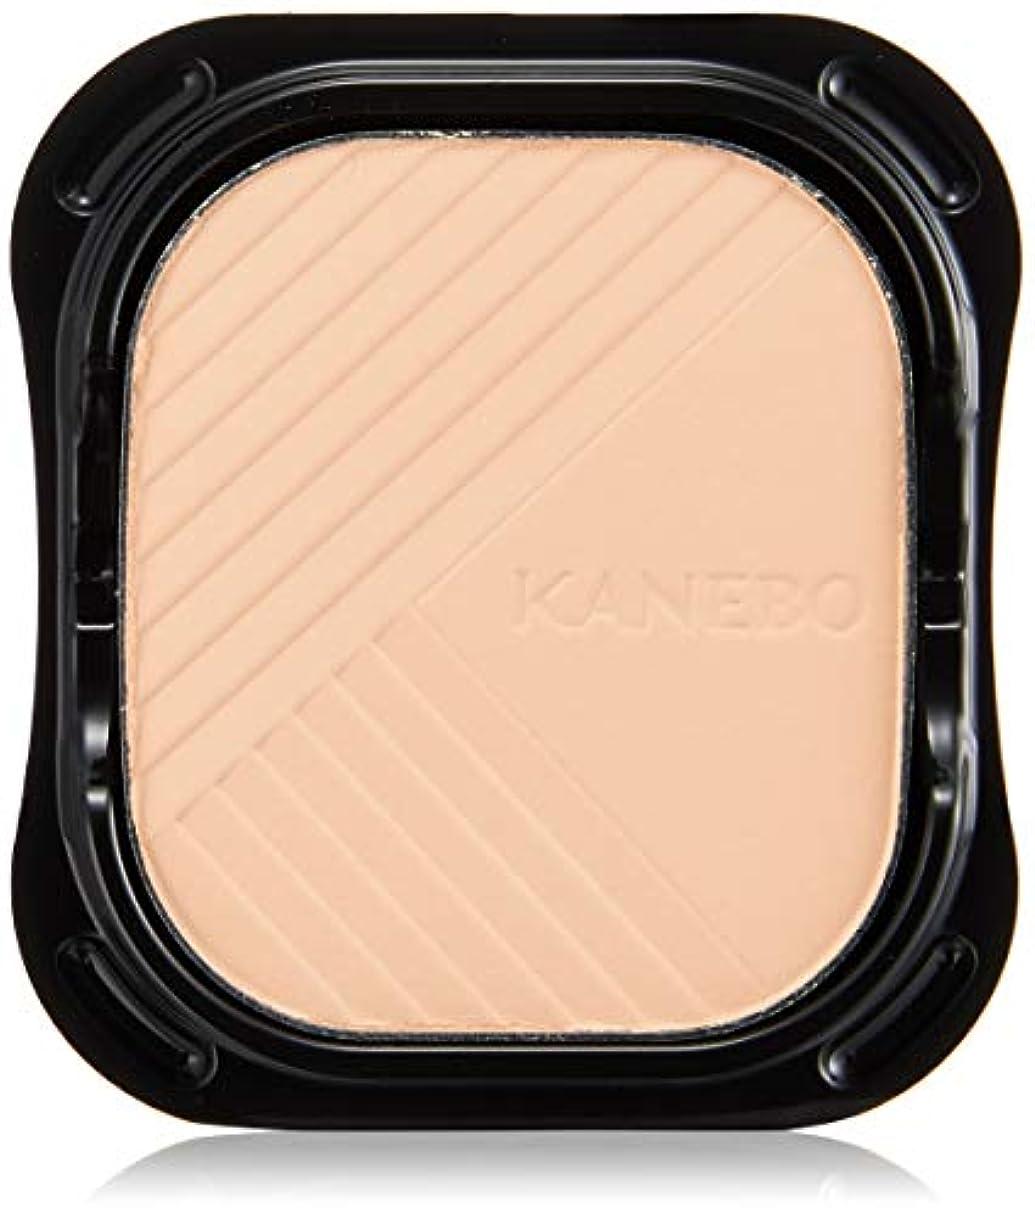 バッフルアレイ埋めるKANEBO(カネボウ) カネボウ ラスターパウダーファンデーション ピンクオークルC SPF6/PA++ ファンデーション(パクト)